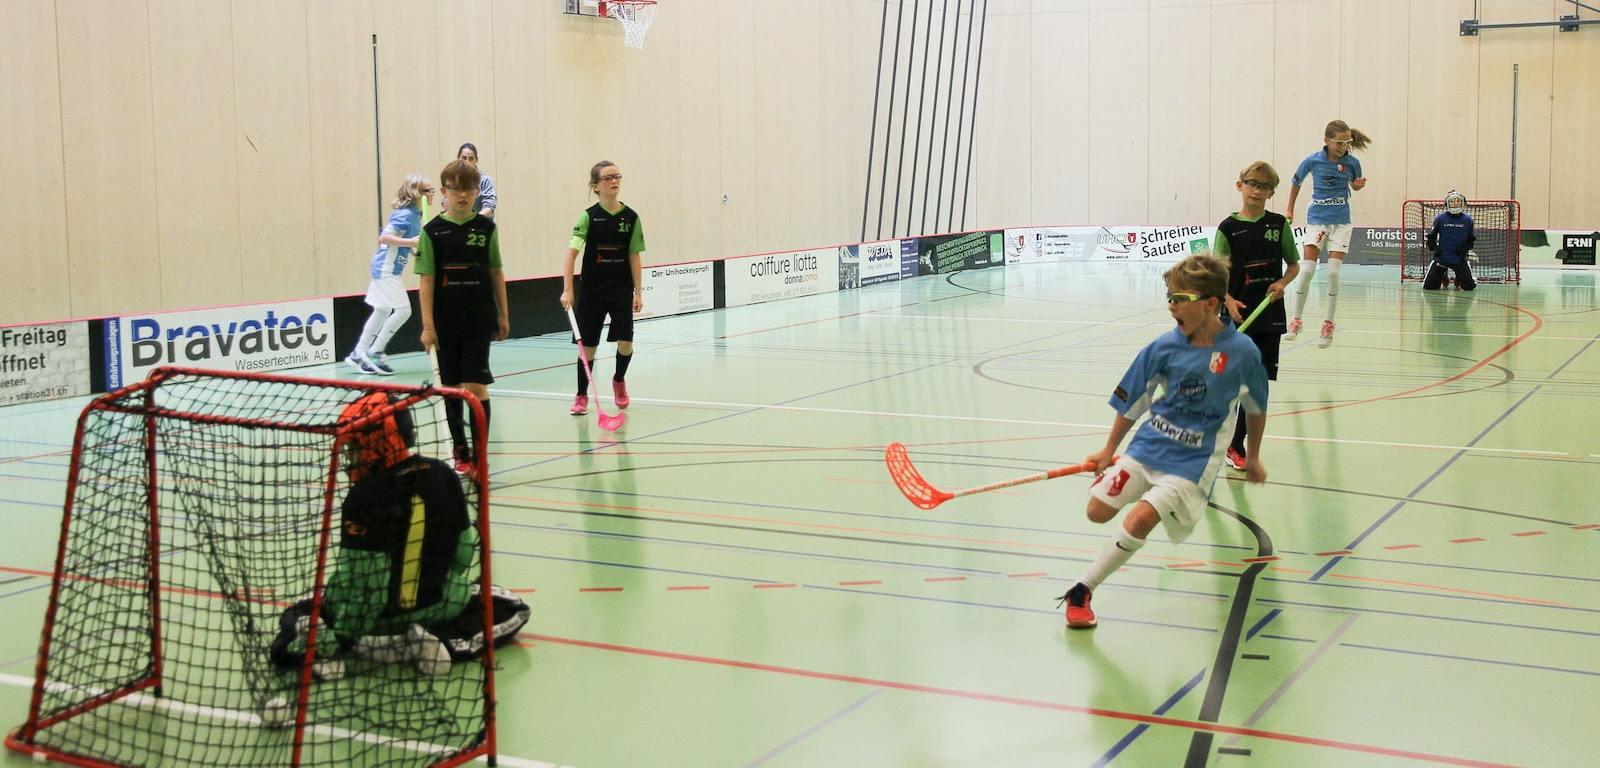 Tor! Die D-Junior:innen des UHC Kreuzlingen gewinnen im September 2020 10:6 gegen Unhihockey Altnau.